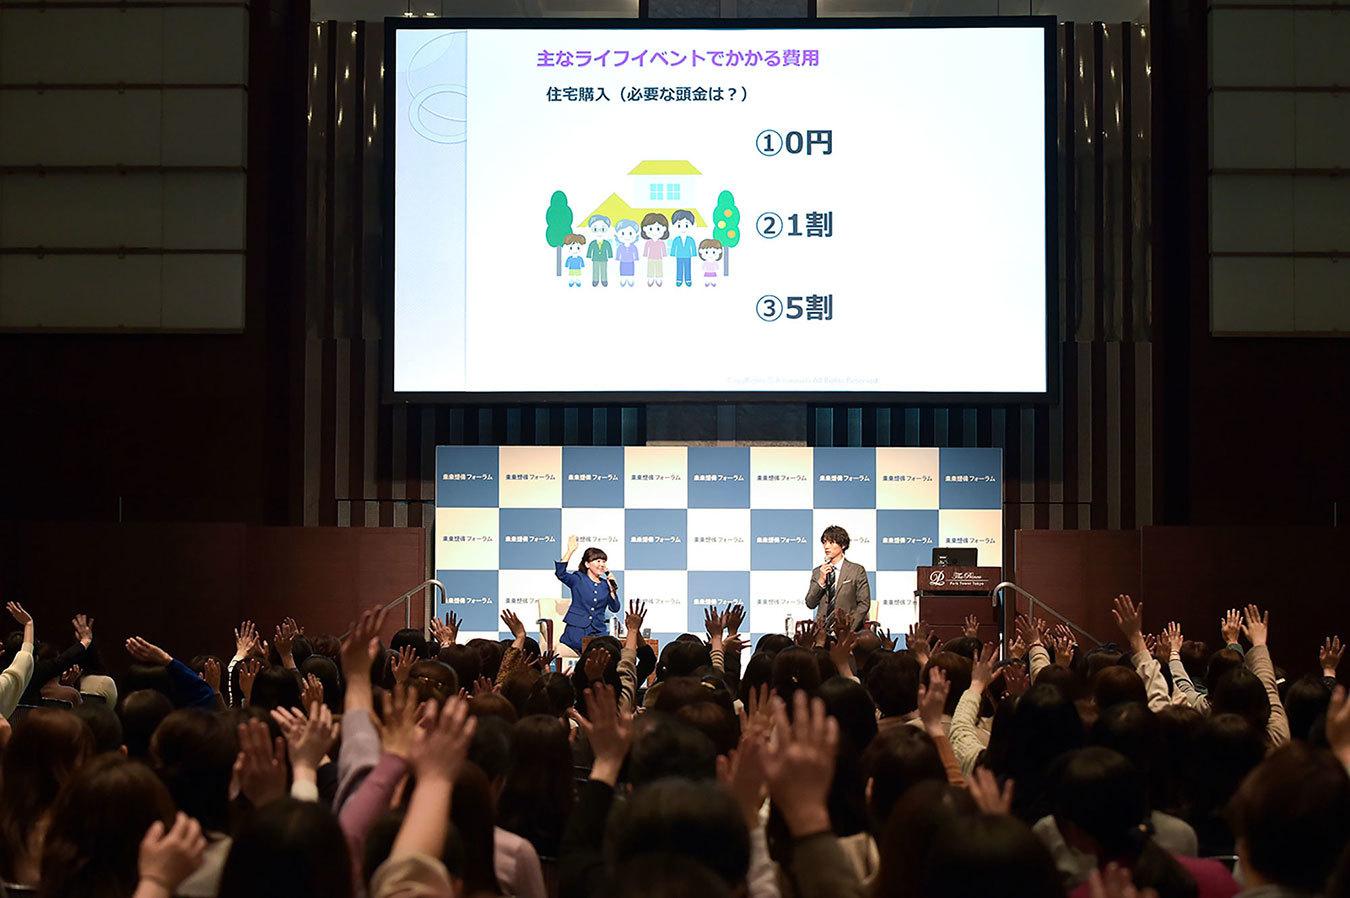 【イベントレポート】未来想像フォーラム2020